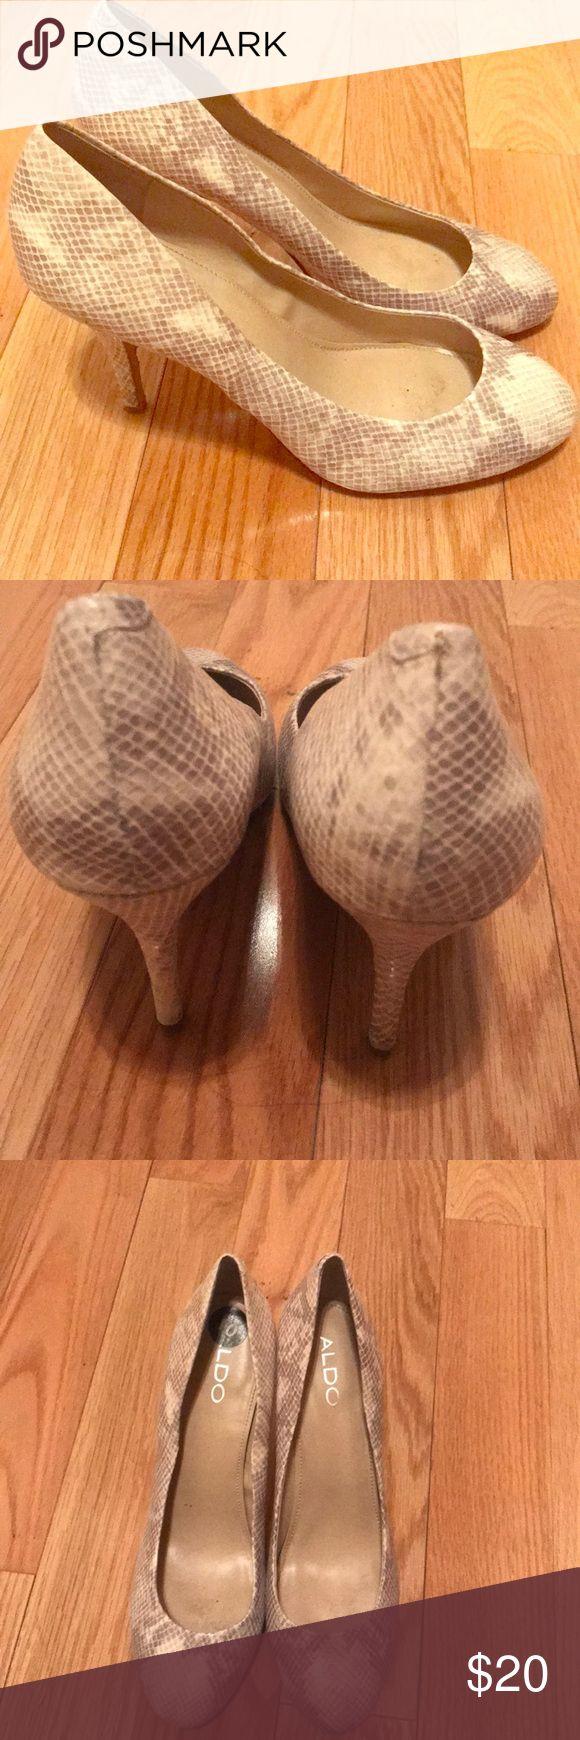 Aldo zebra heels Worn few times, great condition! 2.5 inch heel. Aldo Shoes Heels